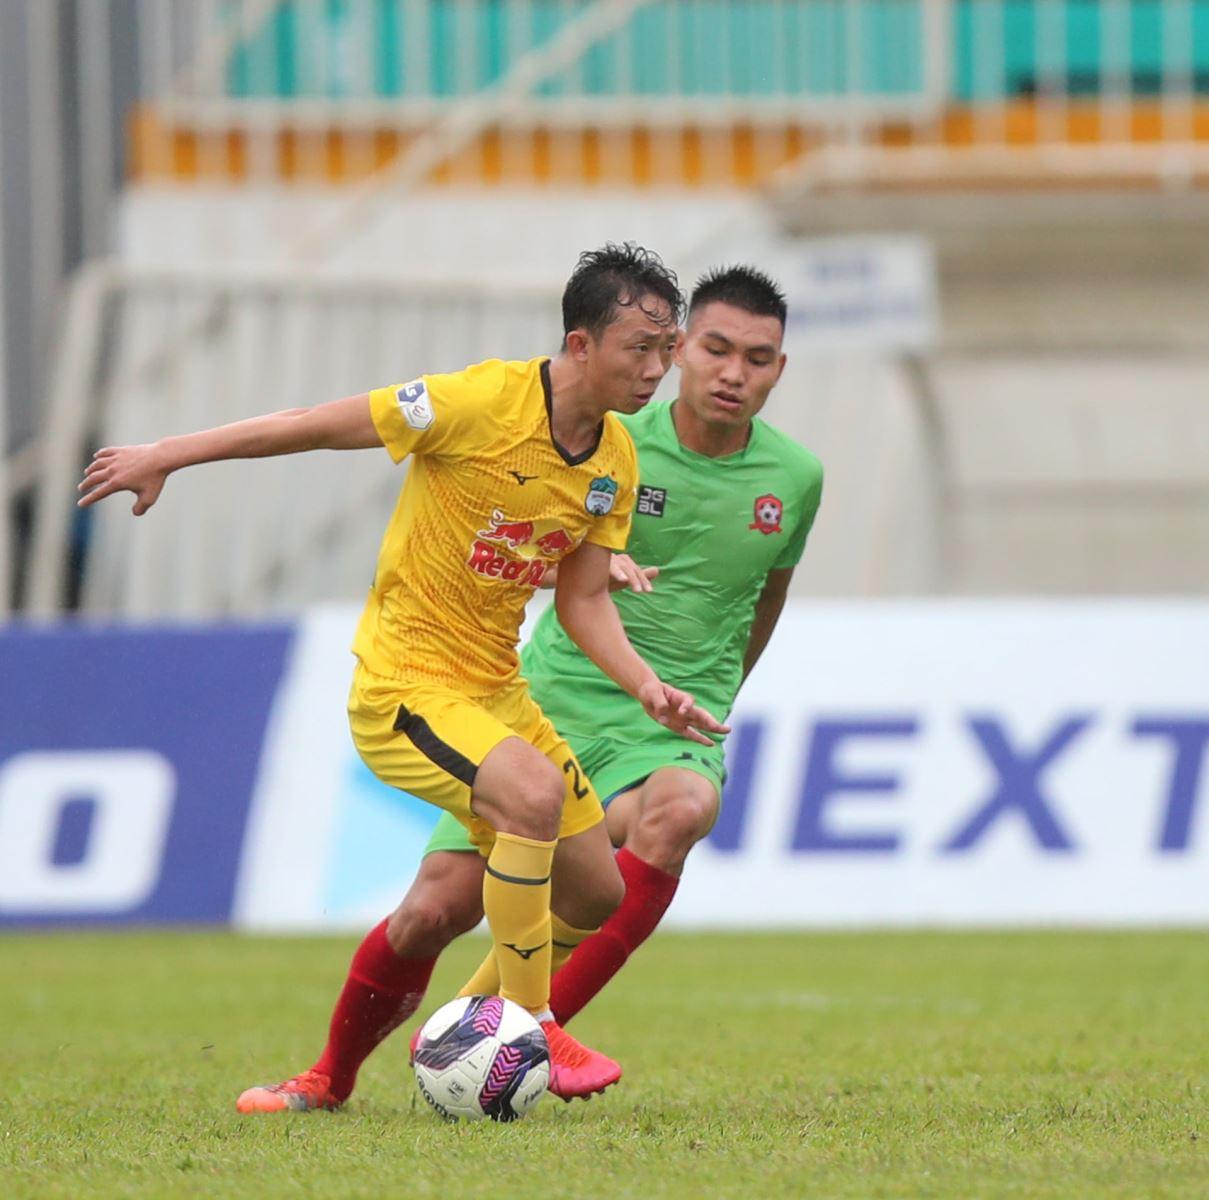 bóng đá Việt Nam, tin tức bóng đá, HAGL, Kiatisuk, bầu Đức, Châu Ngọc Quang, V-League, lịch thi đấu vòng 13 V-League, bảng xếp hạng V-League, kết quả bóng đá